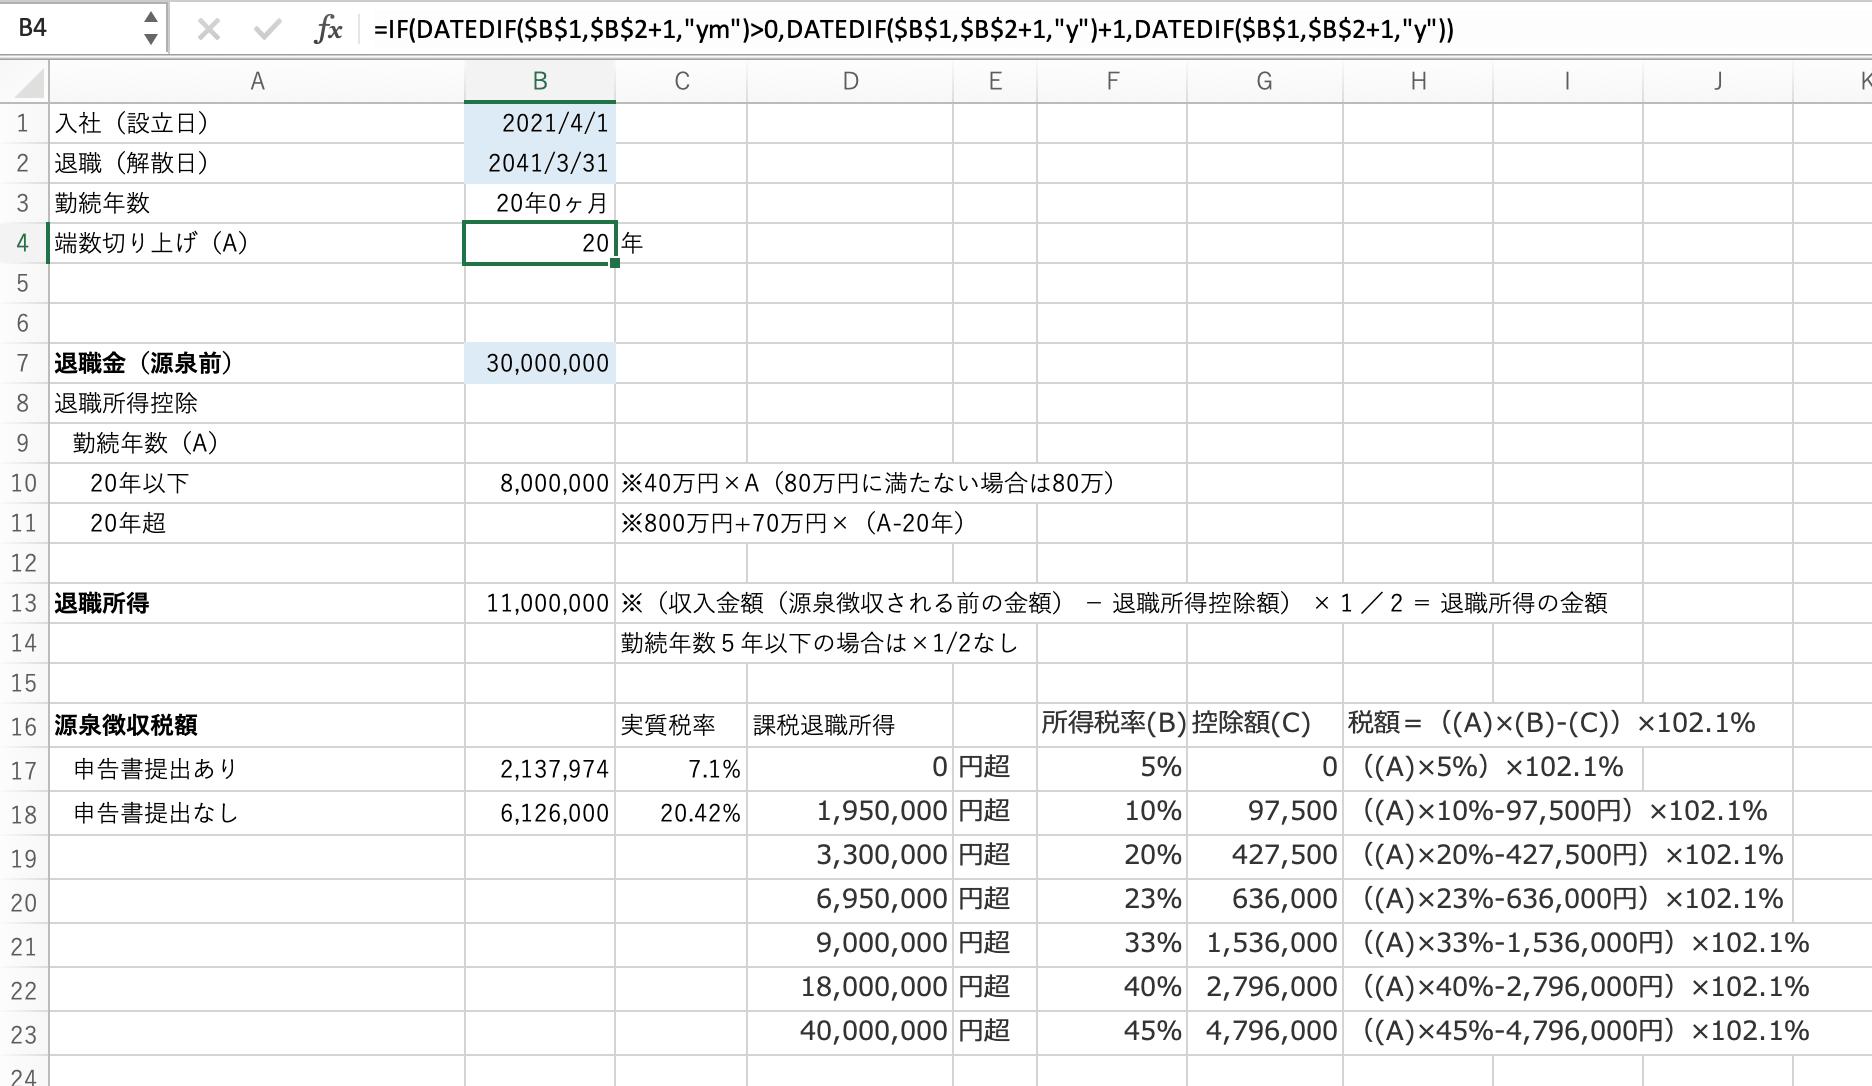 勤続年数が20年の場合の退職所得と税金